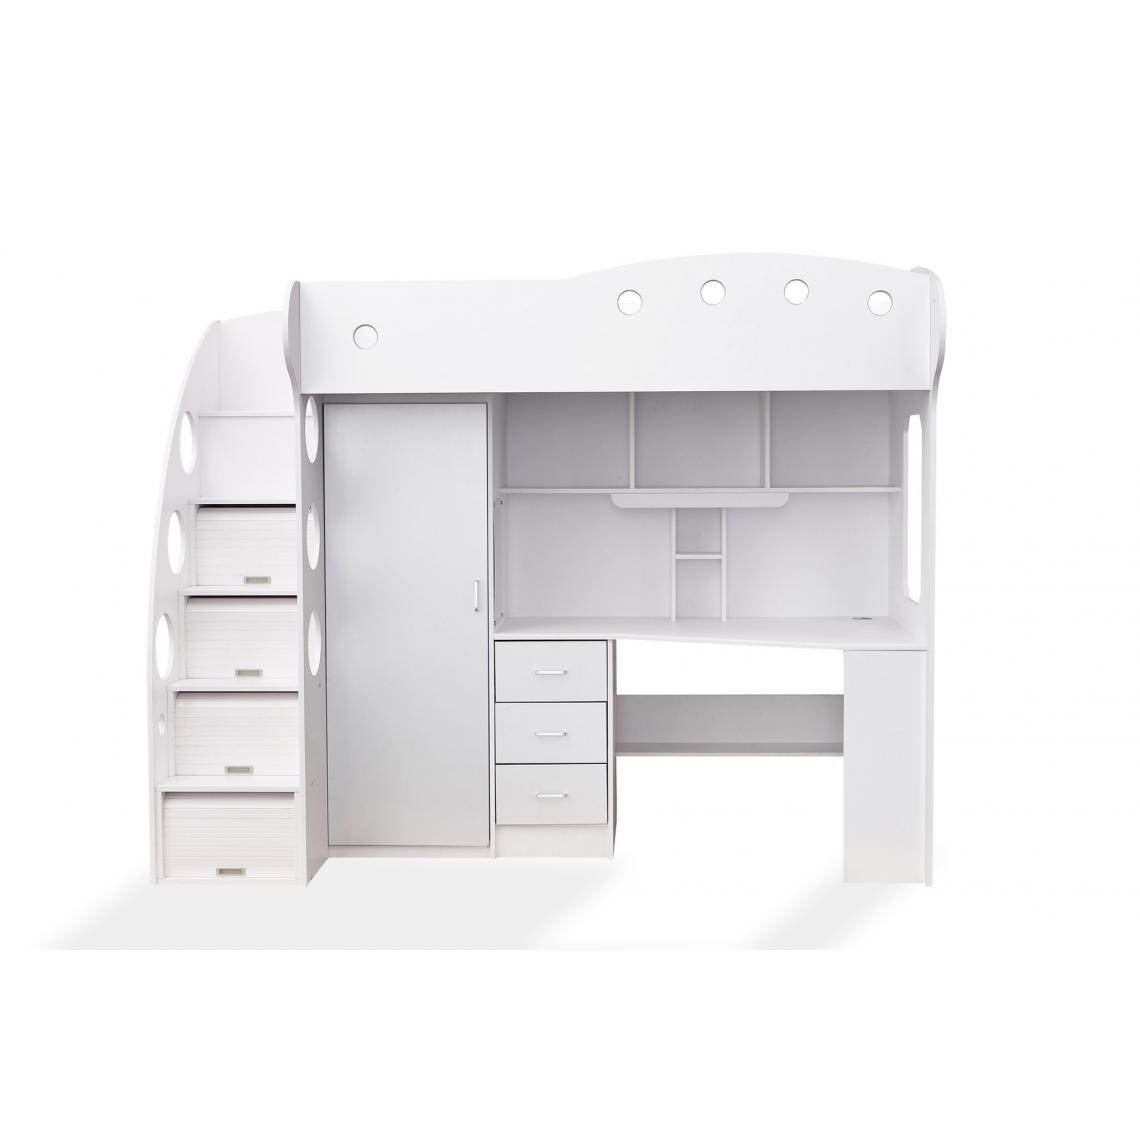 lit combine 1 couchage 1 bureau 1 penderie blanc maxi